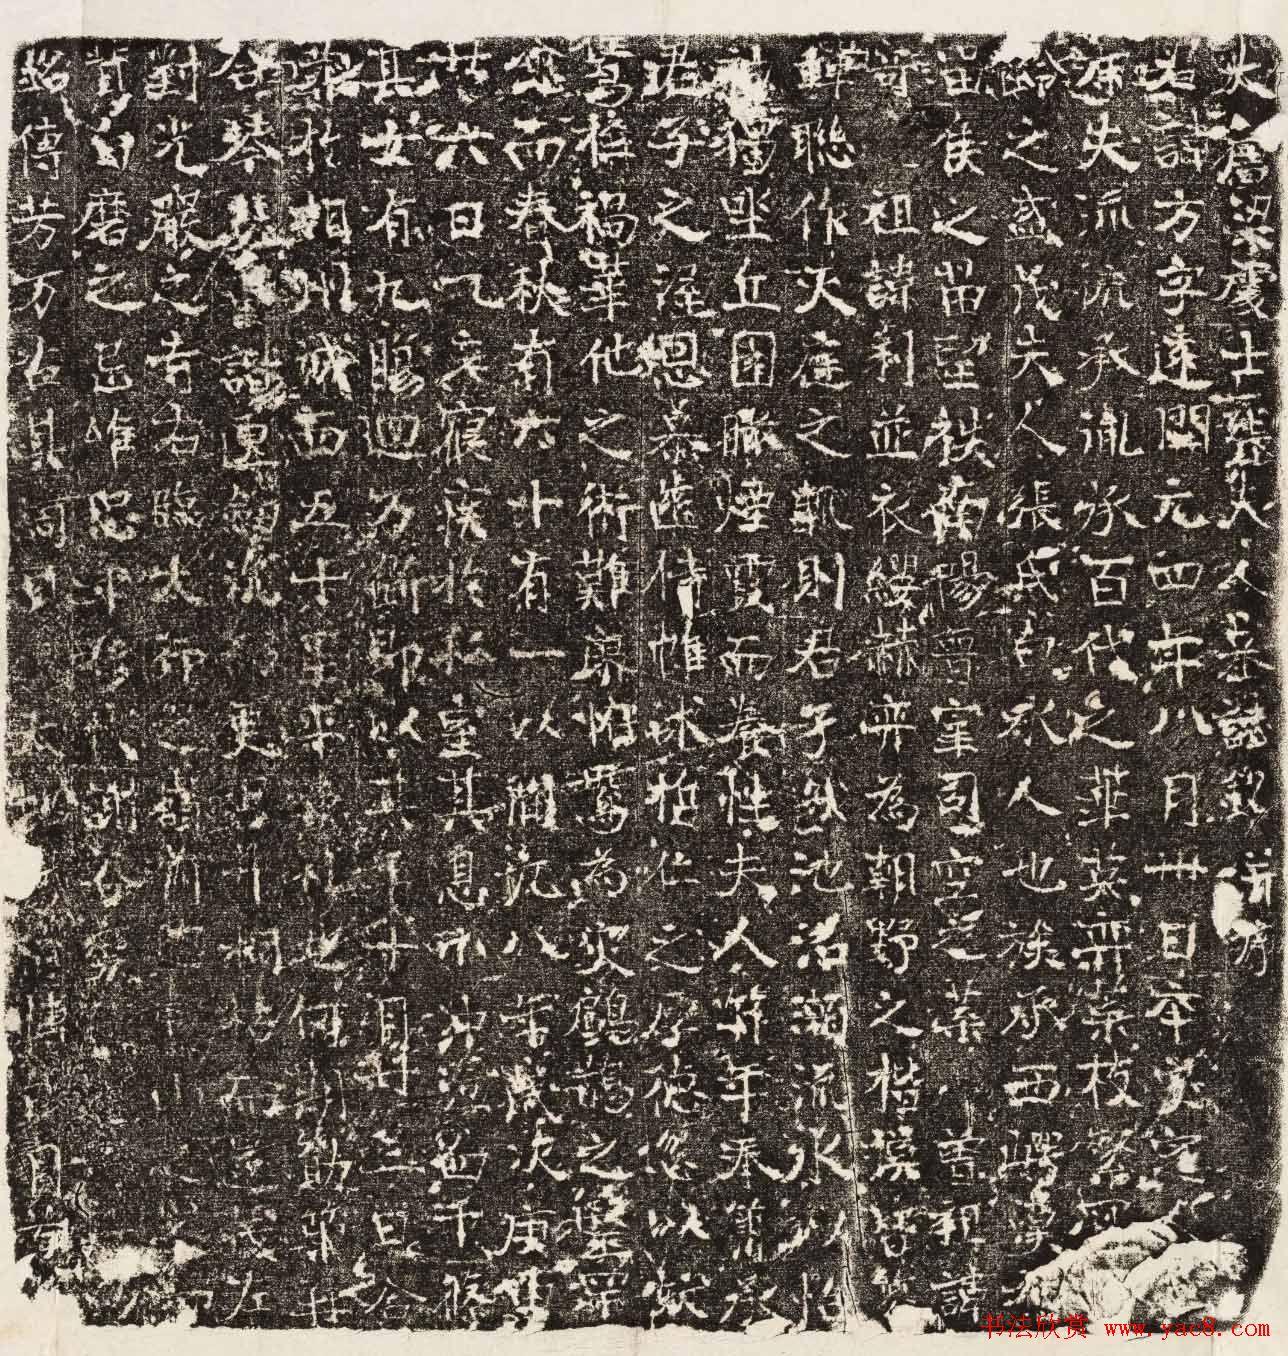 大唐梁方及妻张氏墓志铭全图